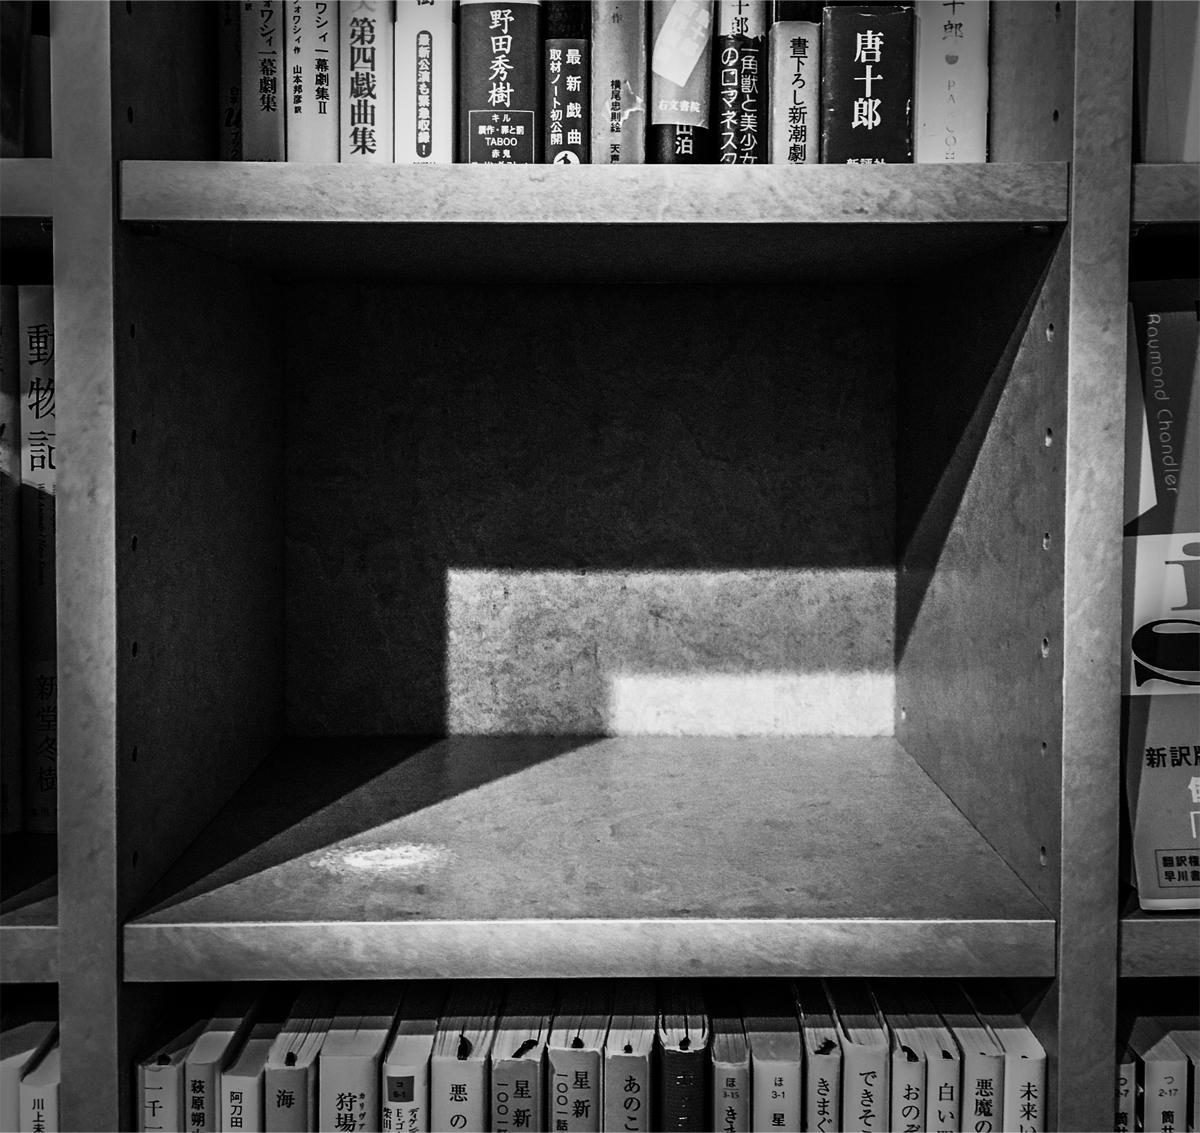 ロウドクシャの本棚